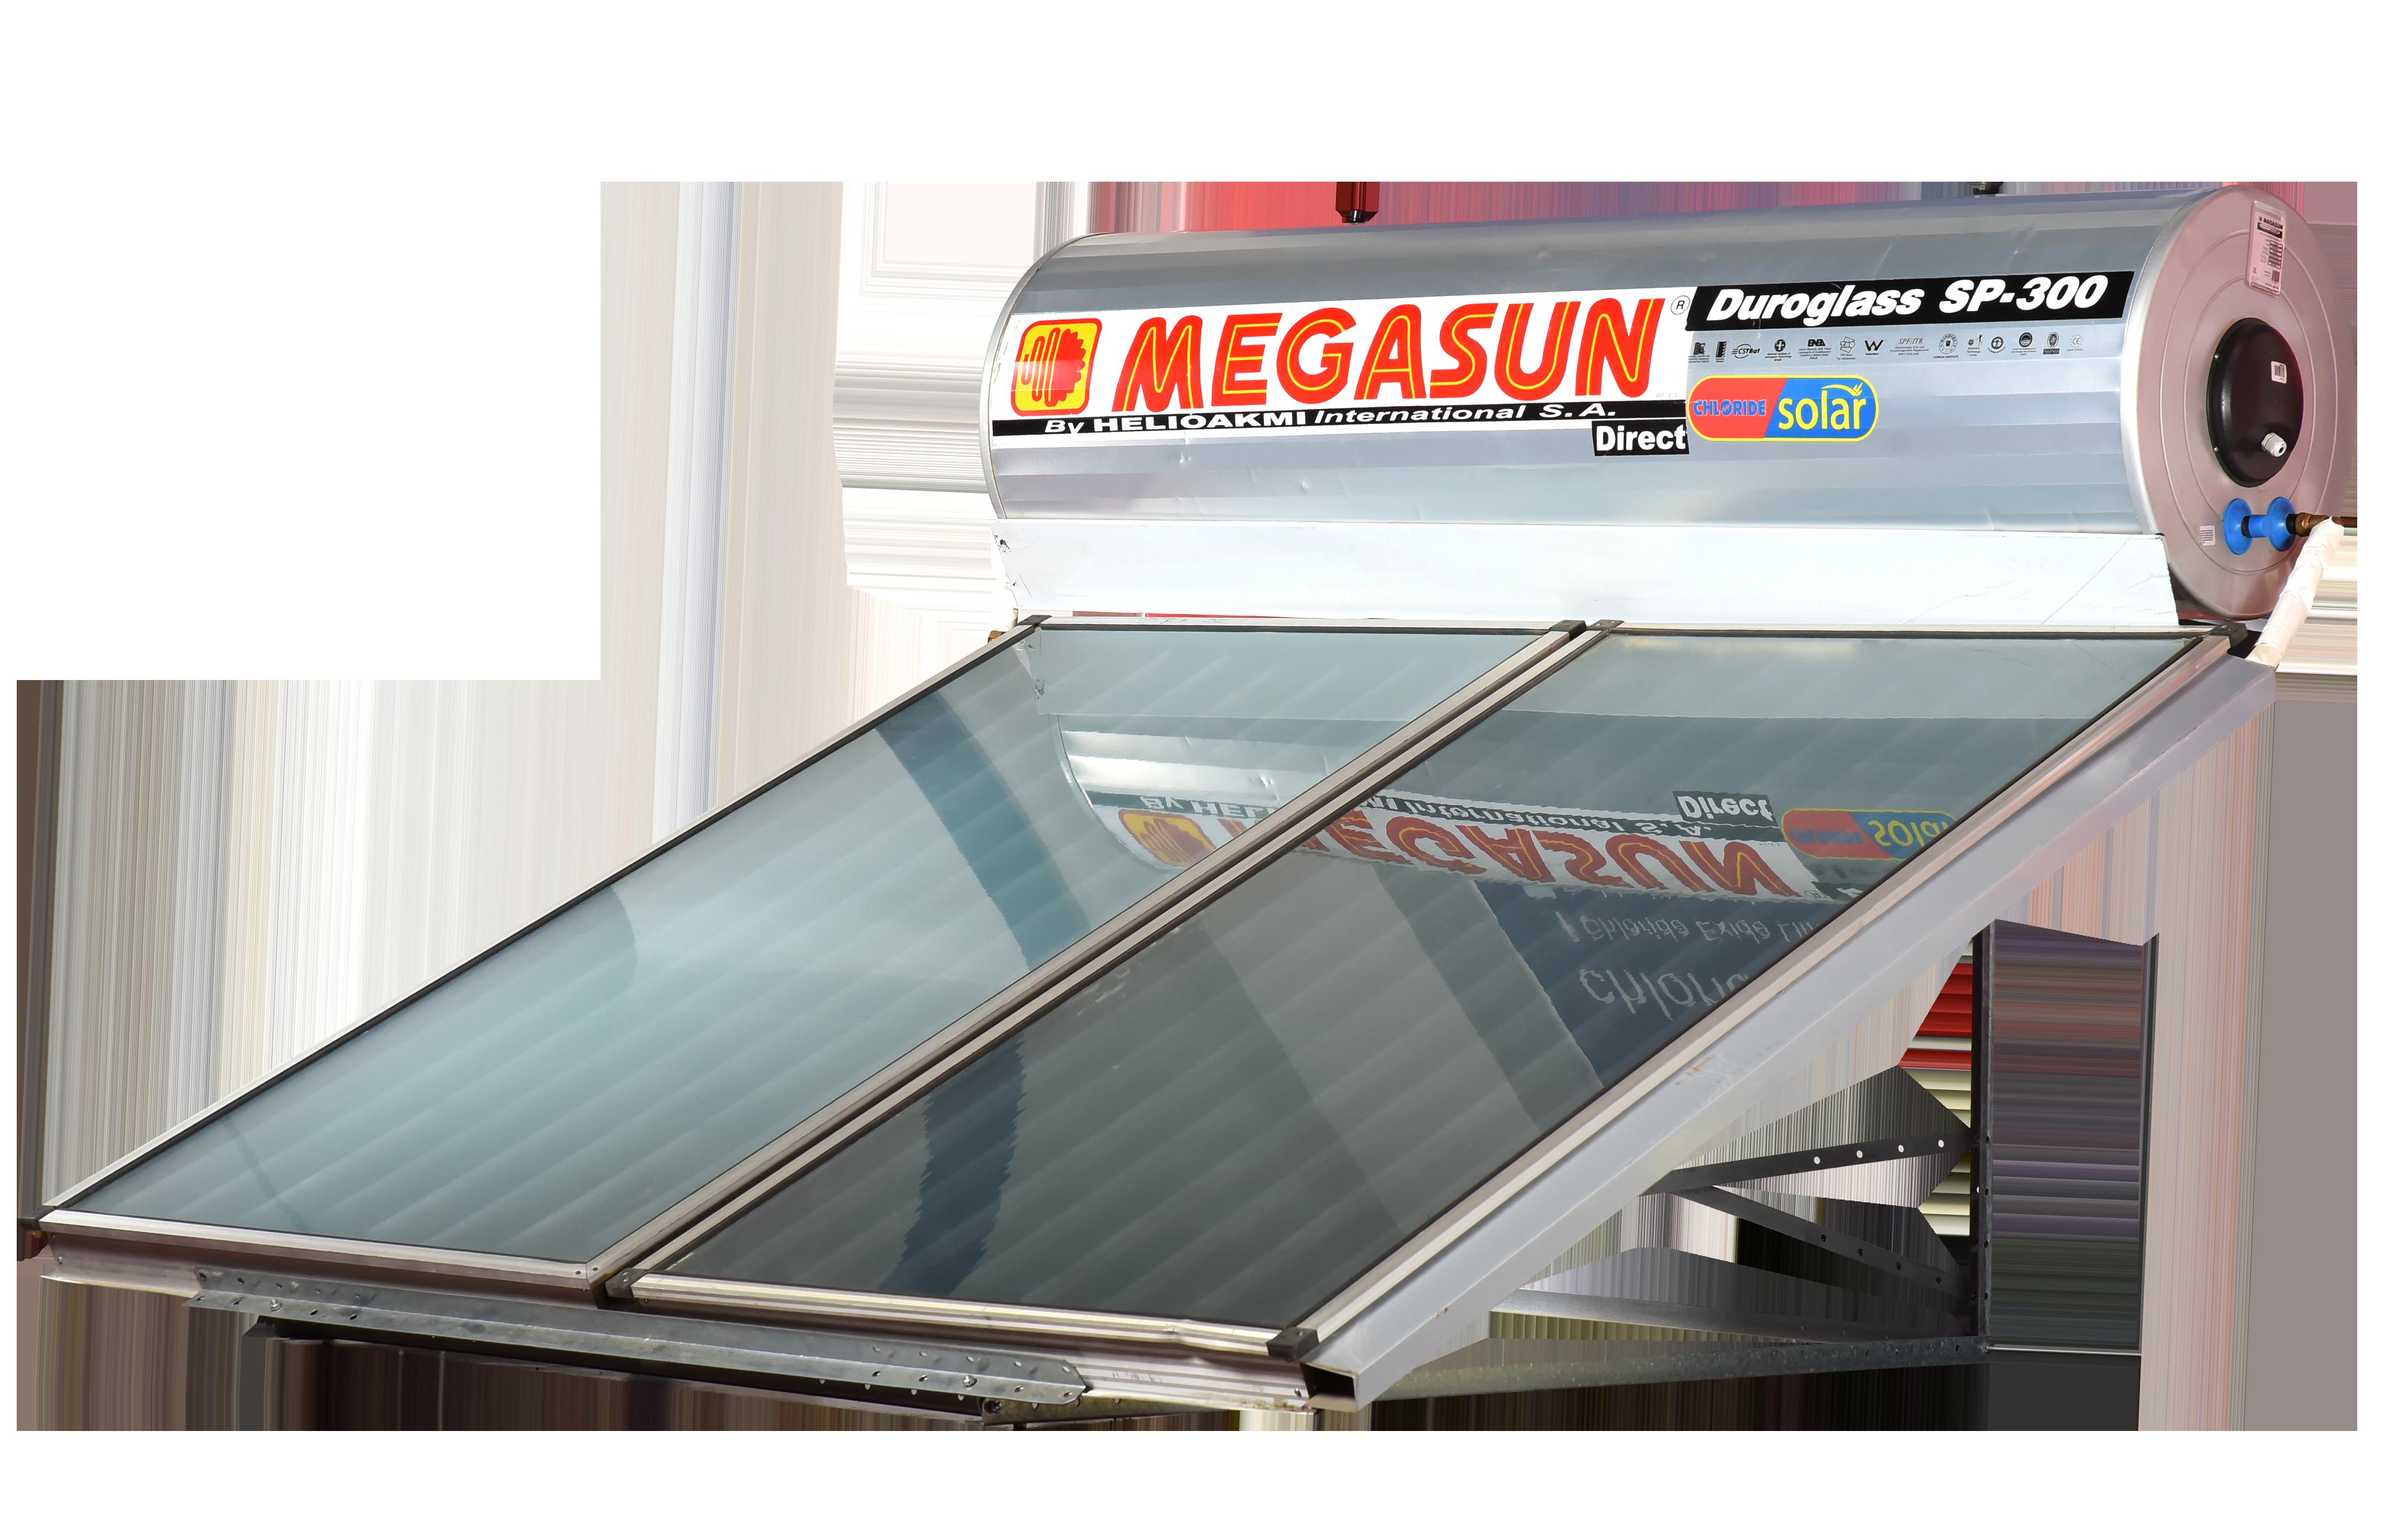 SOLAR 300LTR DIRECT- MEGASUN WHT023